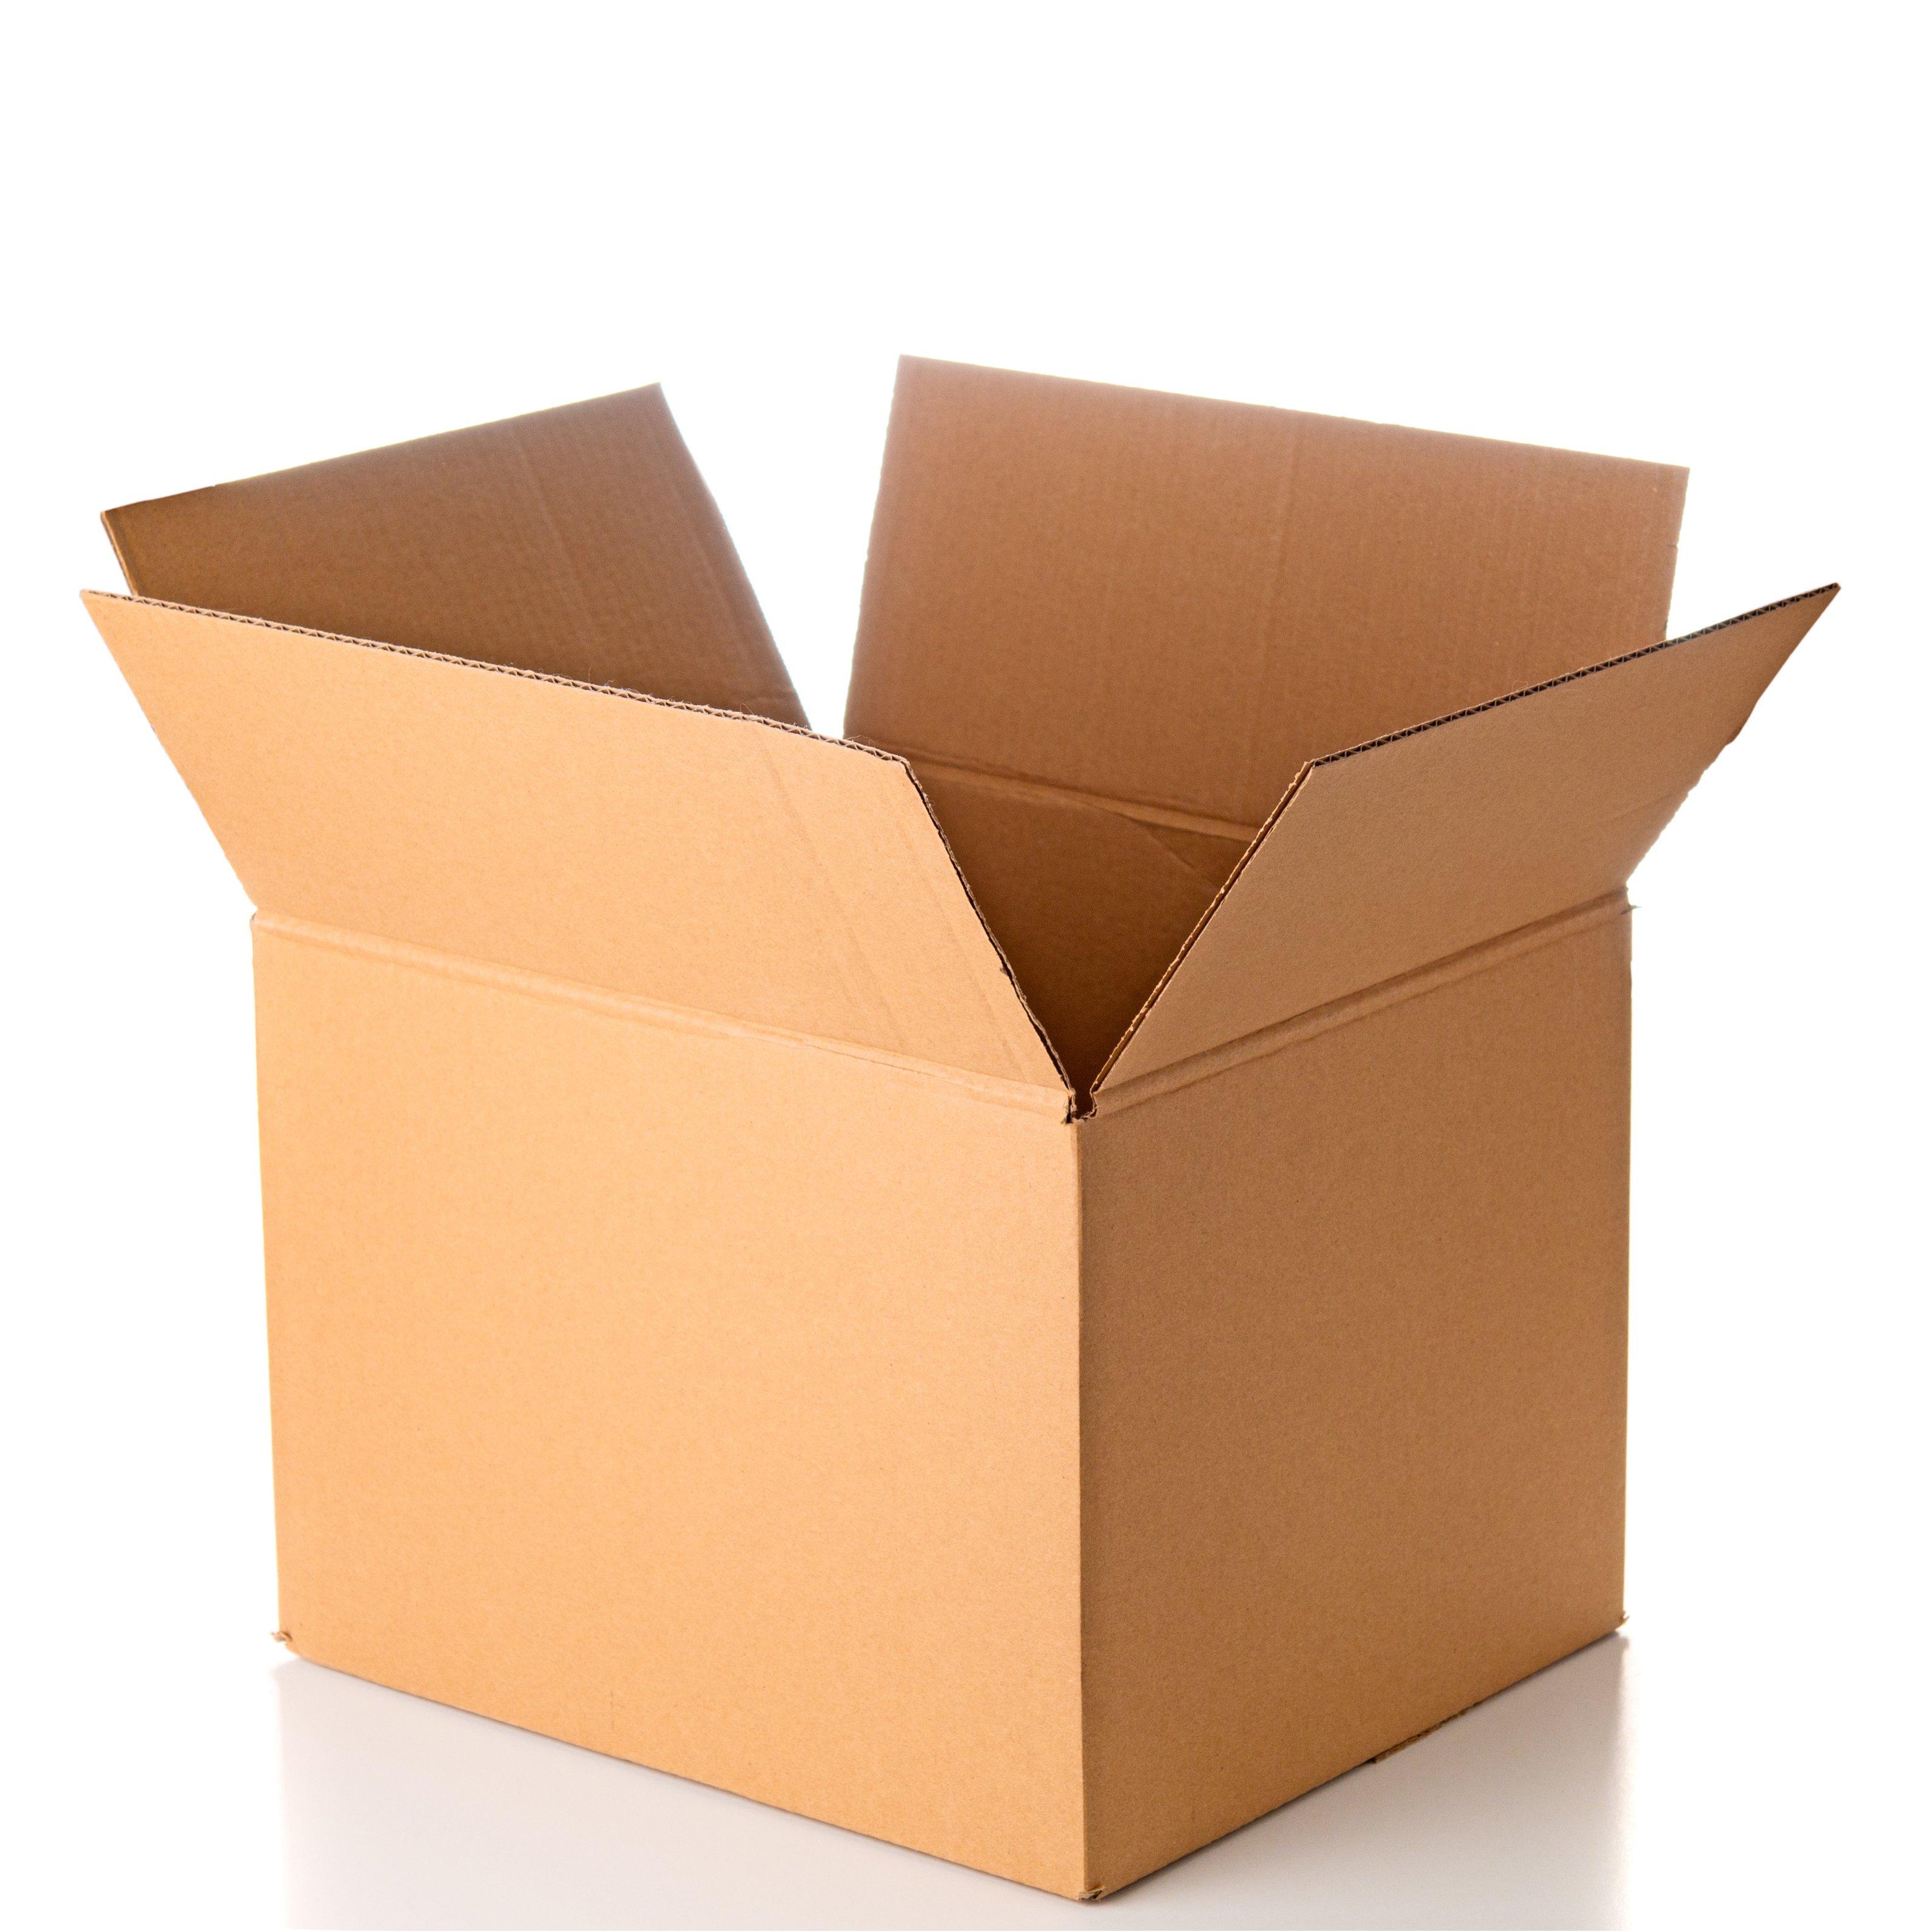 Kokoontaittuva pahvilaatikko pikapohjalla kasattuna